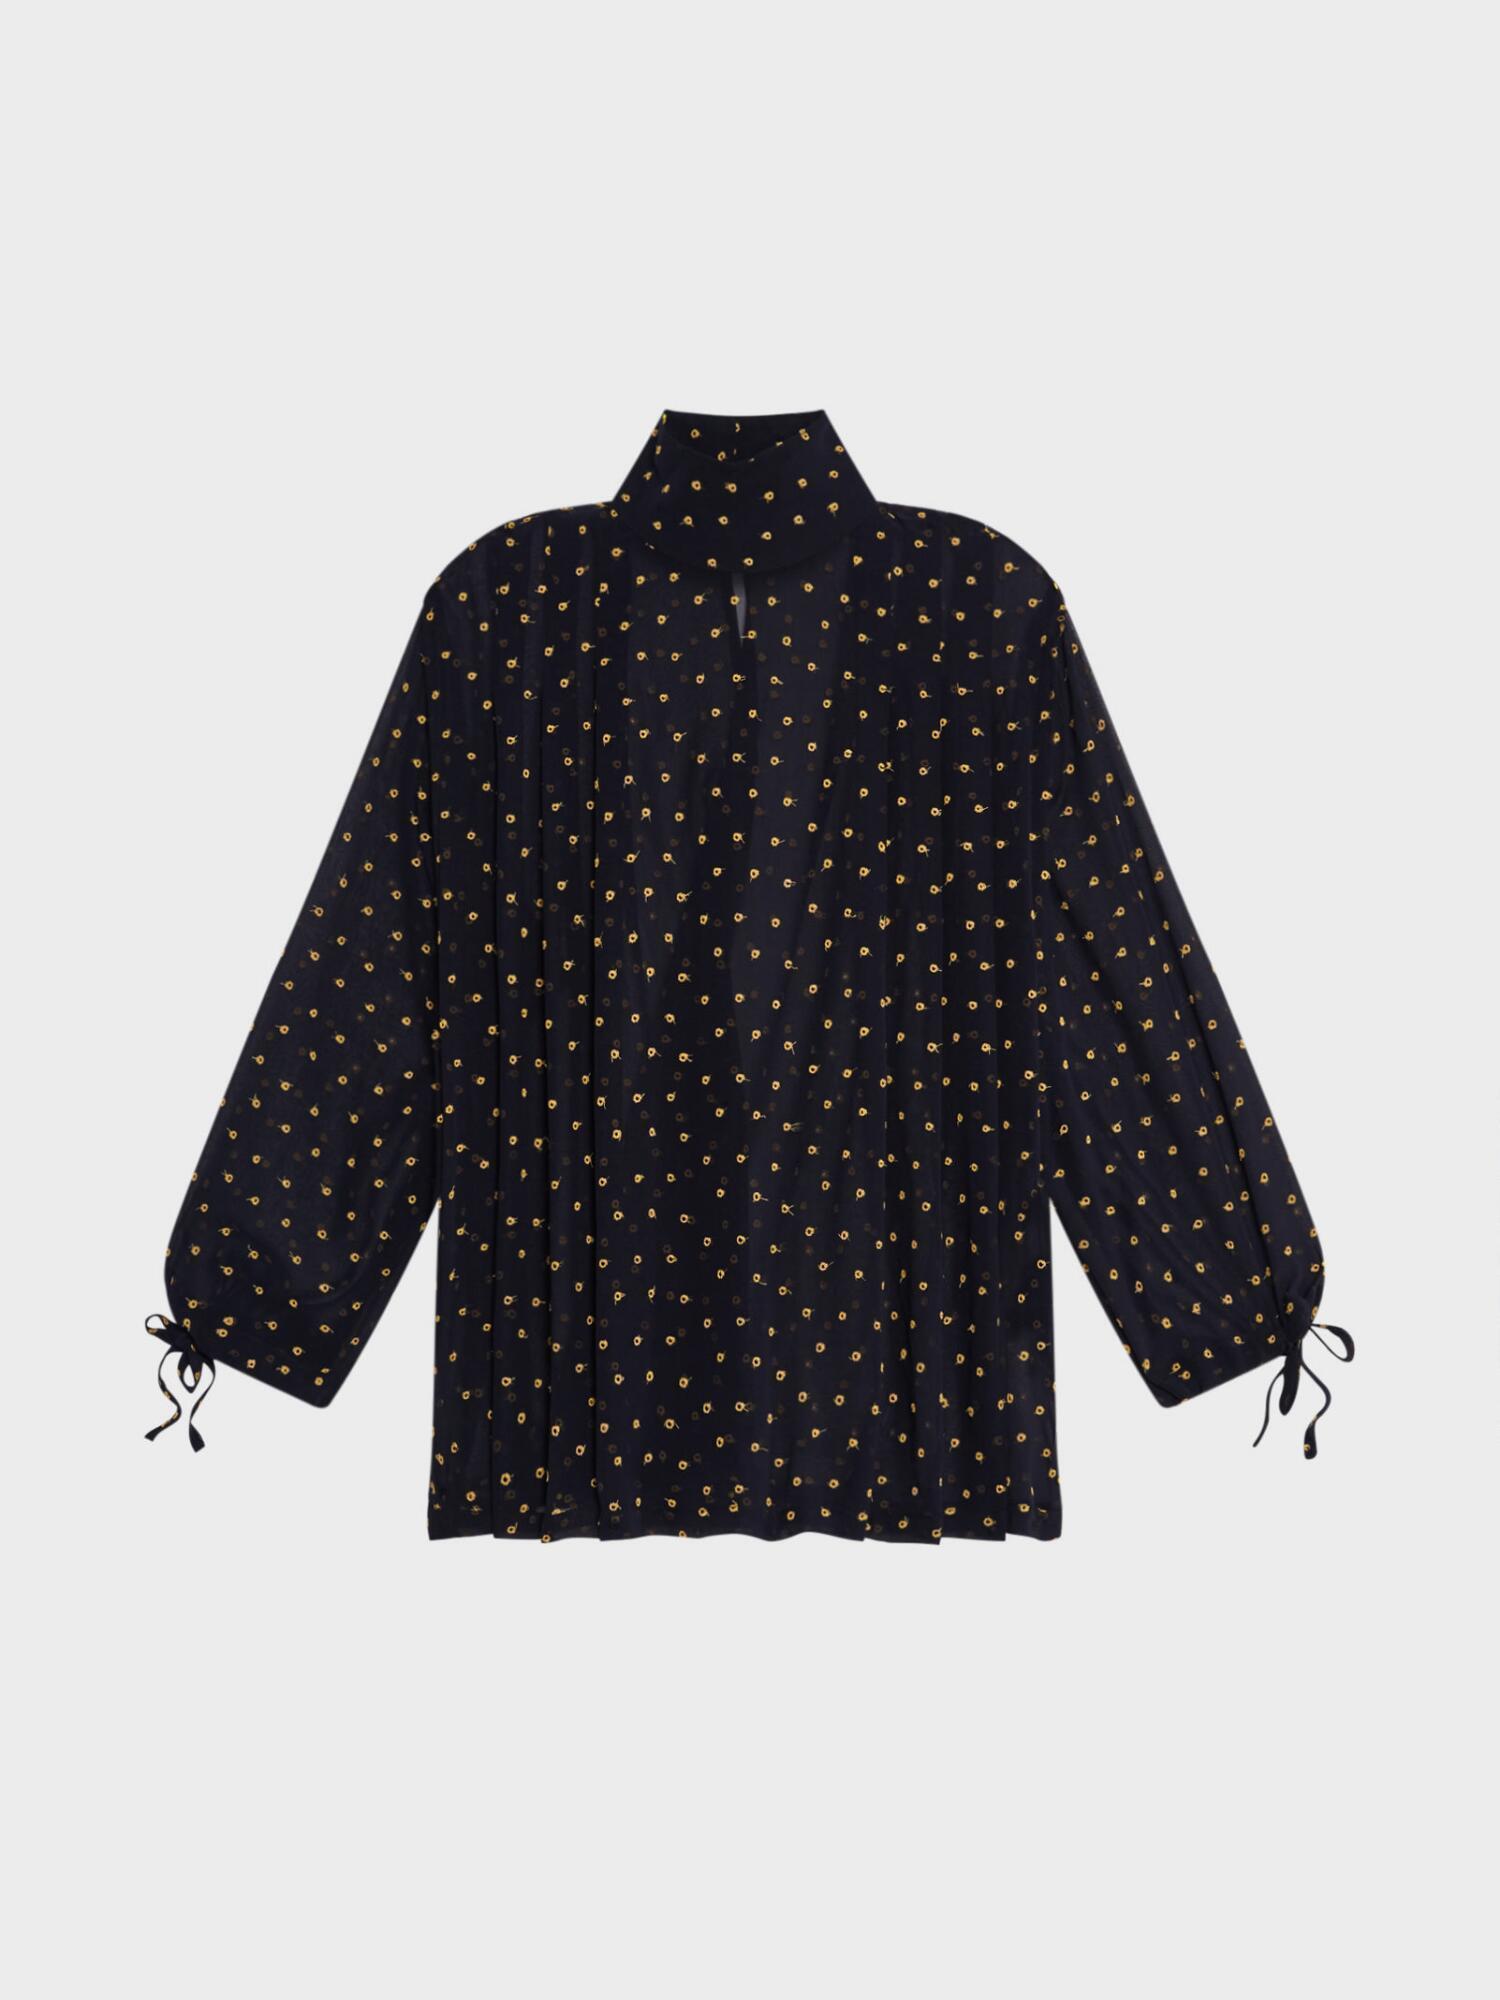 Donna Karan Silk Embroidered Dot Blouse In Royal